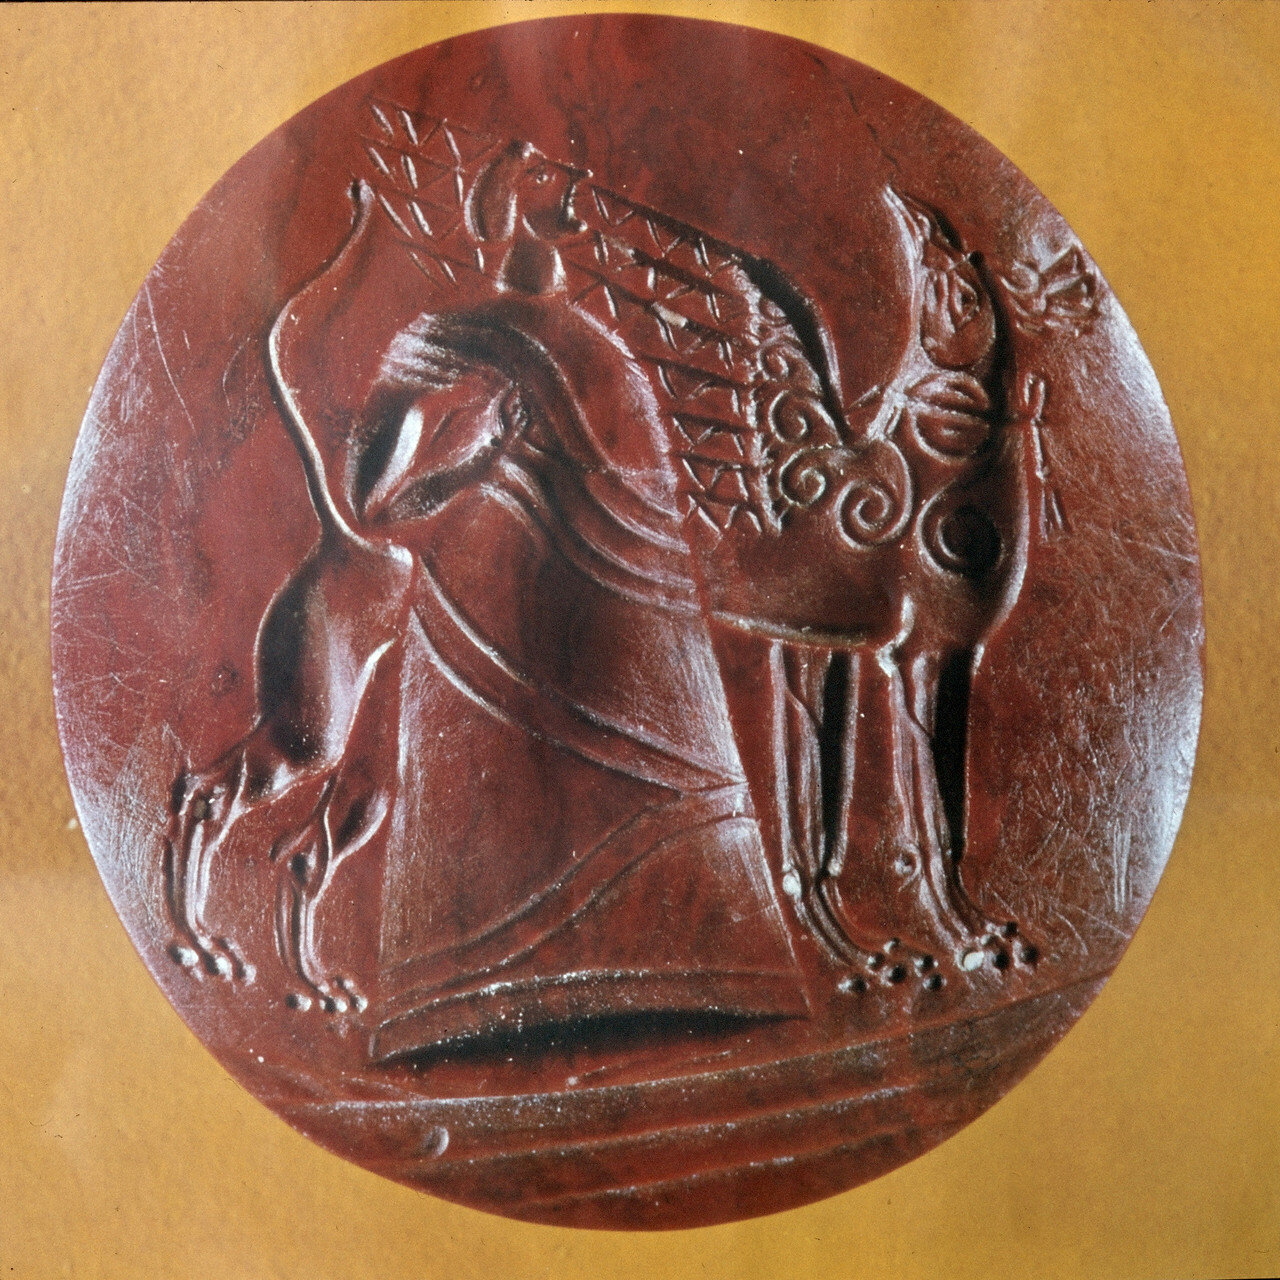 Афины. Национальный археологический музей. Жрец. Камень яшма. XV в. до н. э